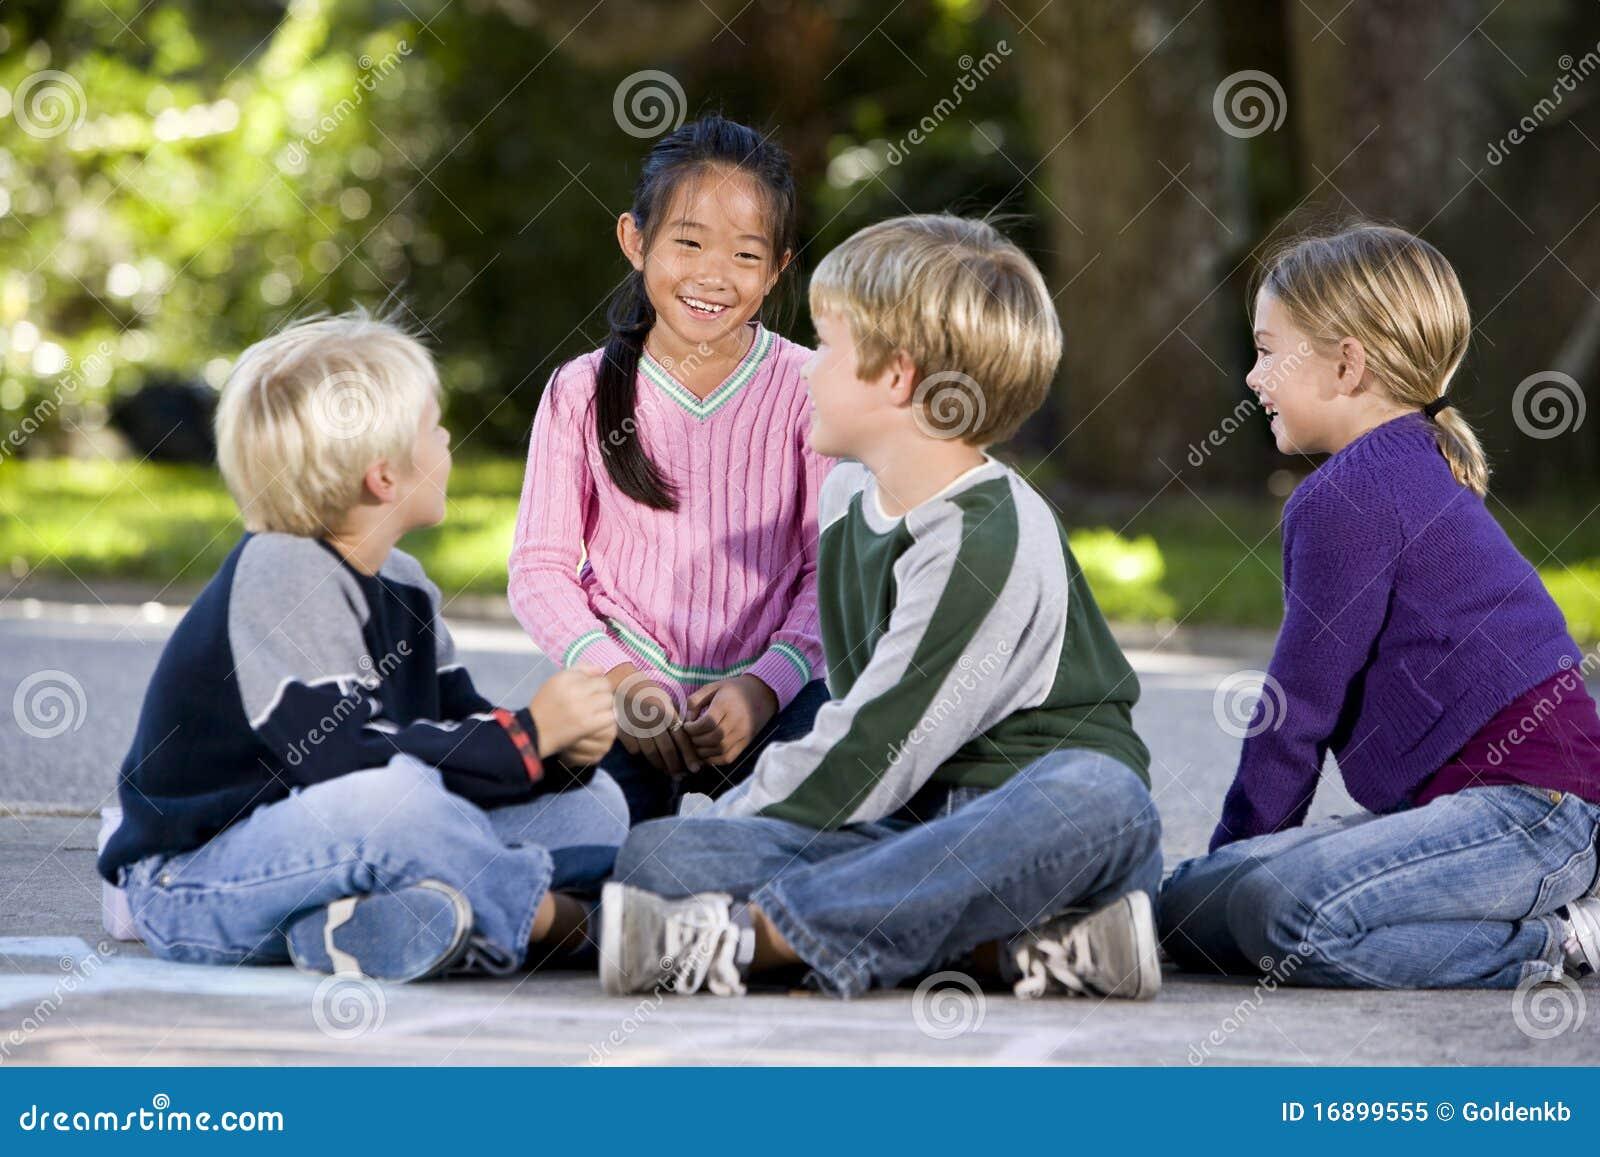 Aziatisch meisje dat met vrienden glimlacht